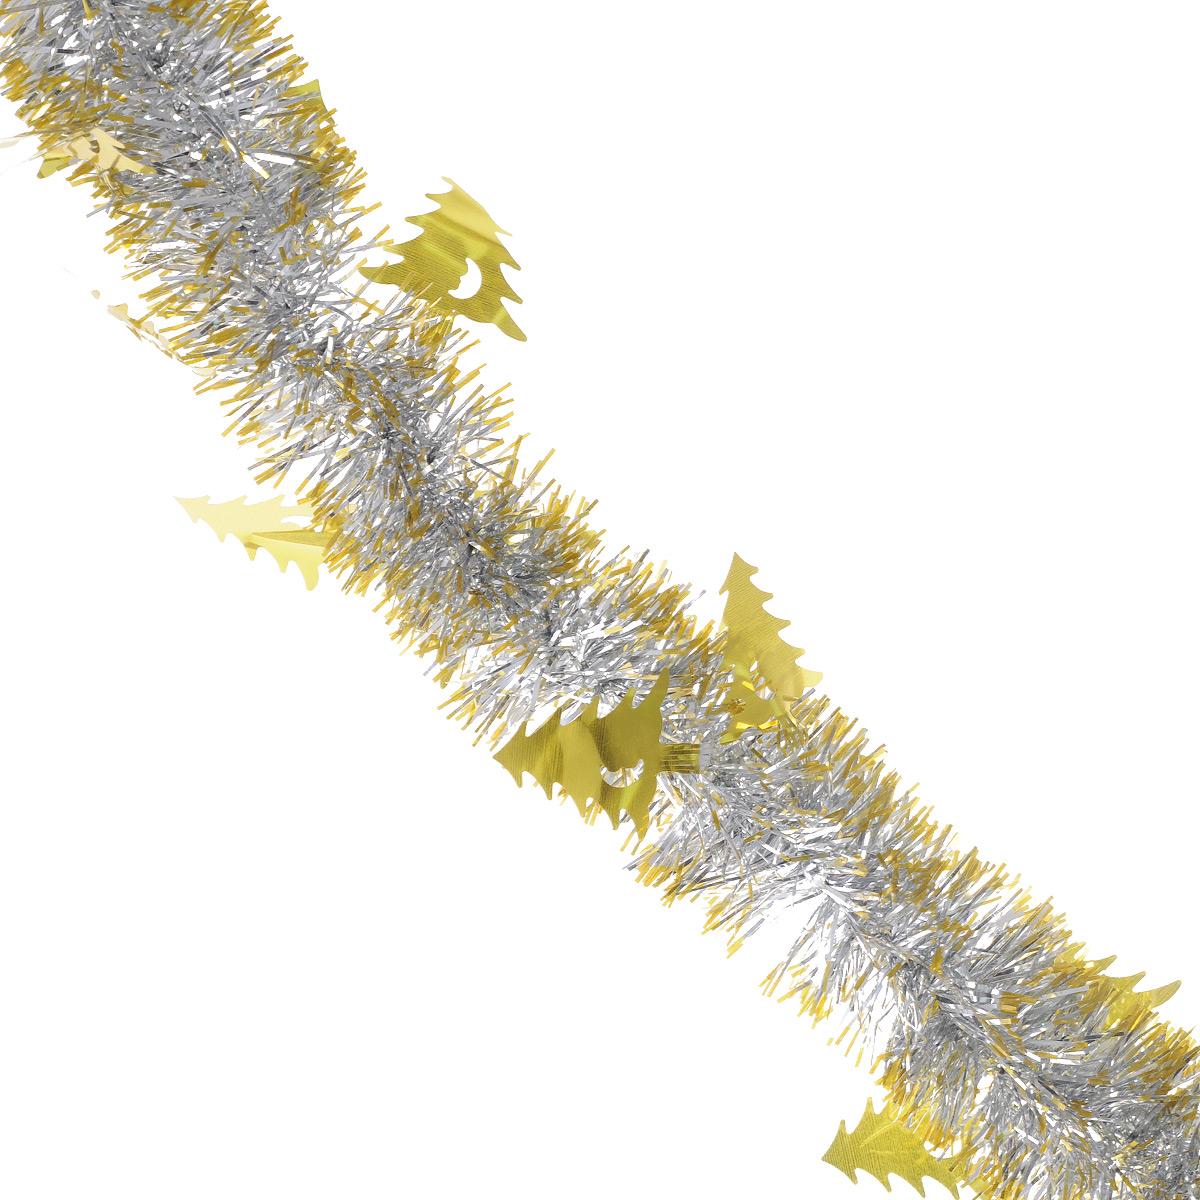 Мишура новогодняя Sima-land, цвет: золотистый, серебристый, диаметр 5 см, длина 2 м. 702614702614Новогодняя мишура Sima-land, выполненная из фольги, поможет вам украсить свой дом к предстоящим праздникам. А новогодняя елка с таким украшением станет еще наряднее. Мишура армирована, то есть имеет проволоку внутри и способна сохранять приданную ей форму. Новогодней мишурой можно украсить все, что угодно - елку, квартиру, дачу, офис - как внутри, так и снаружи. Можно сложить новогодние поздравления, буквы и цифры, мишурой можно украсить и дополнить гирлянды, можно выделить дверные колонны, оплести дверные проемы. Коллекция декоративных украшений из серии Зимнее волшебство принесет в ваш дом ни с чем несравнимое ощущение праздника! Создайте в своем доме атмосферу тепла, веселья и радости, украшая его всей семьей.